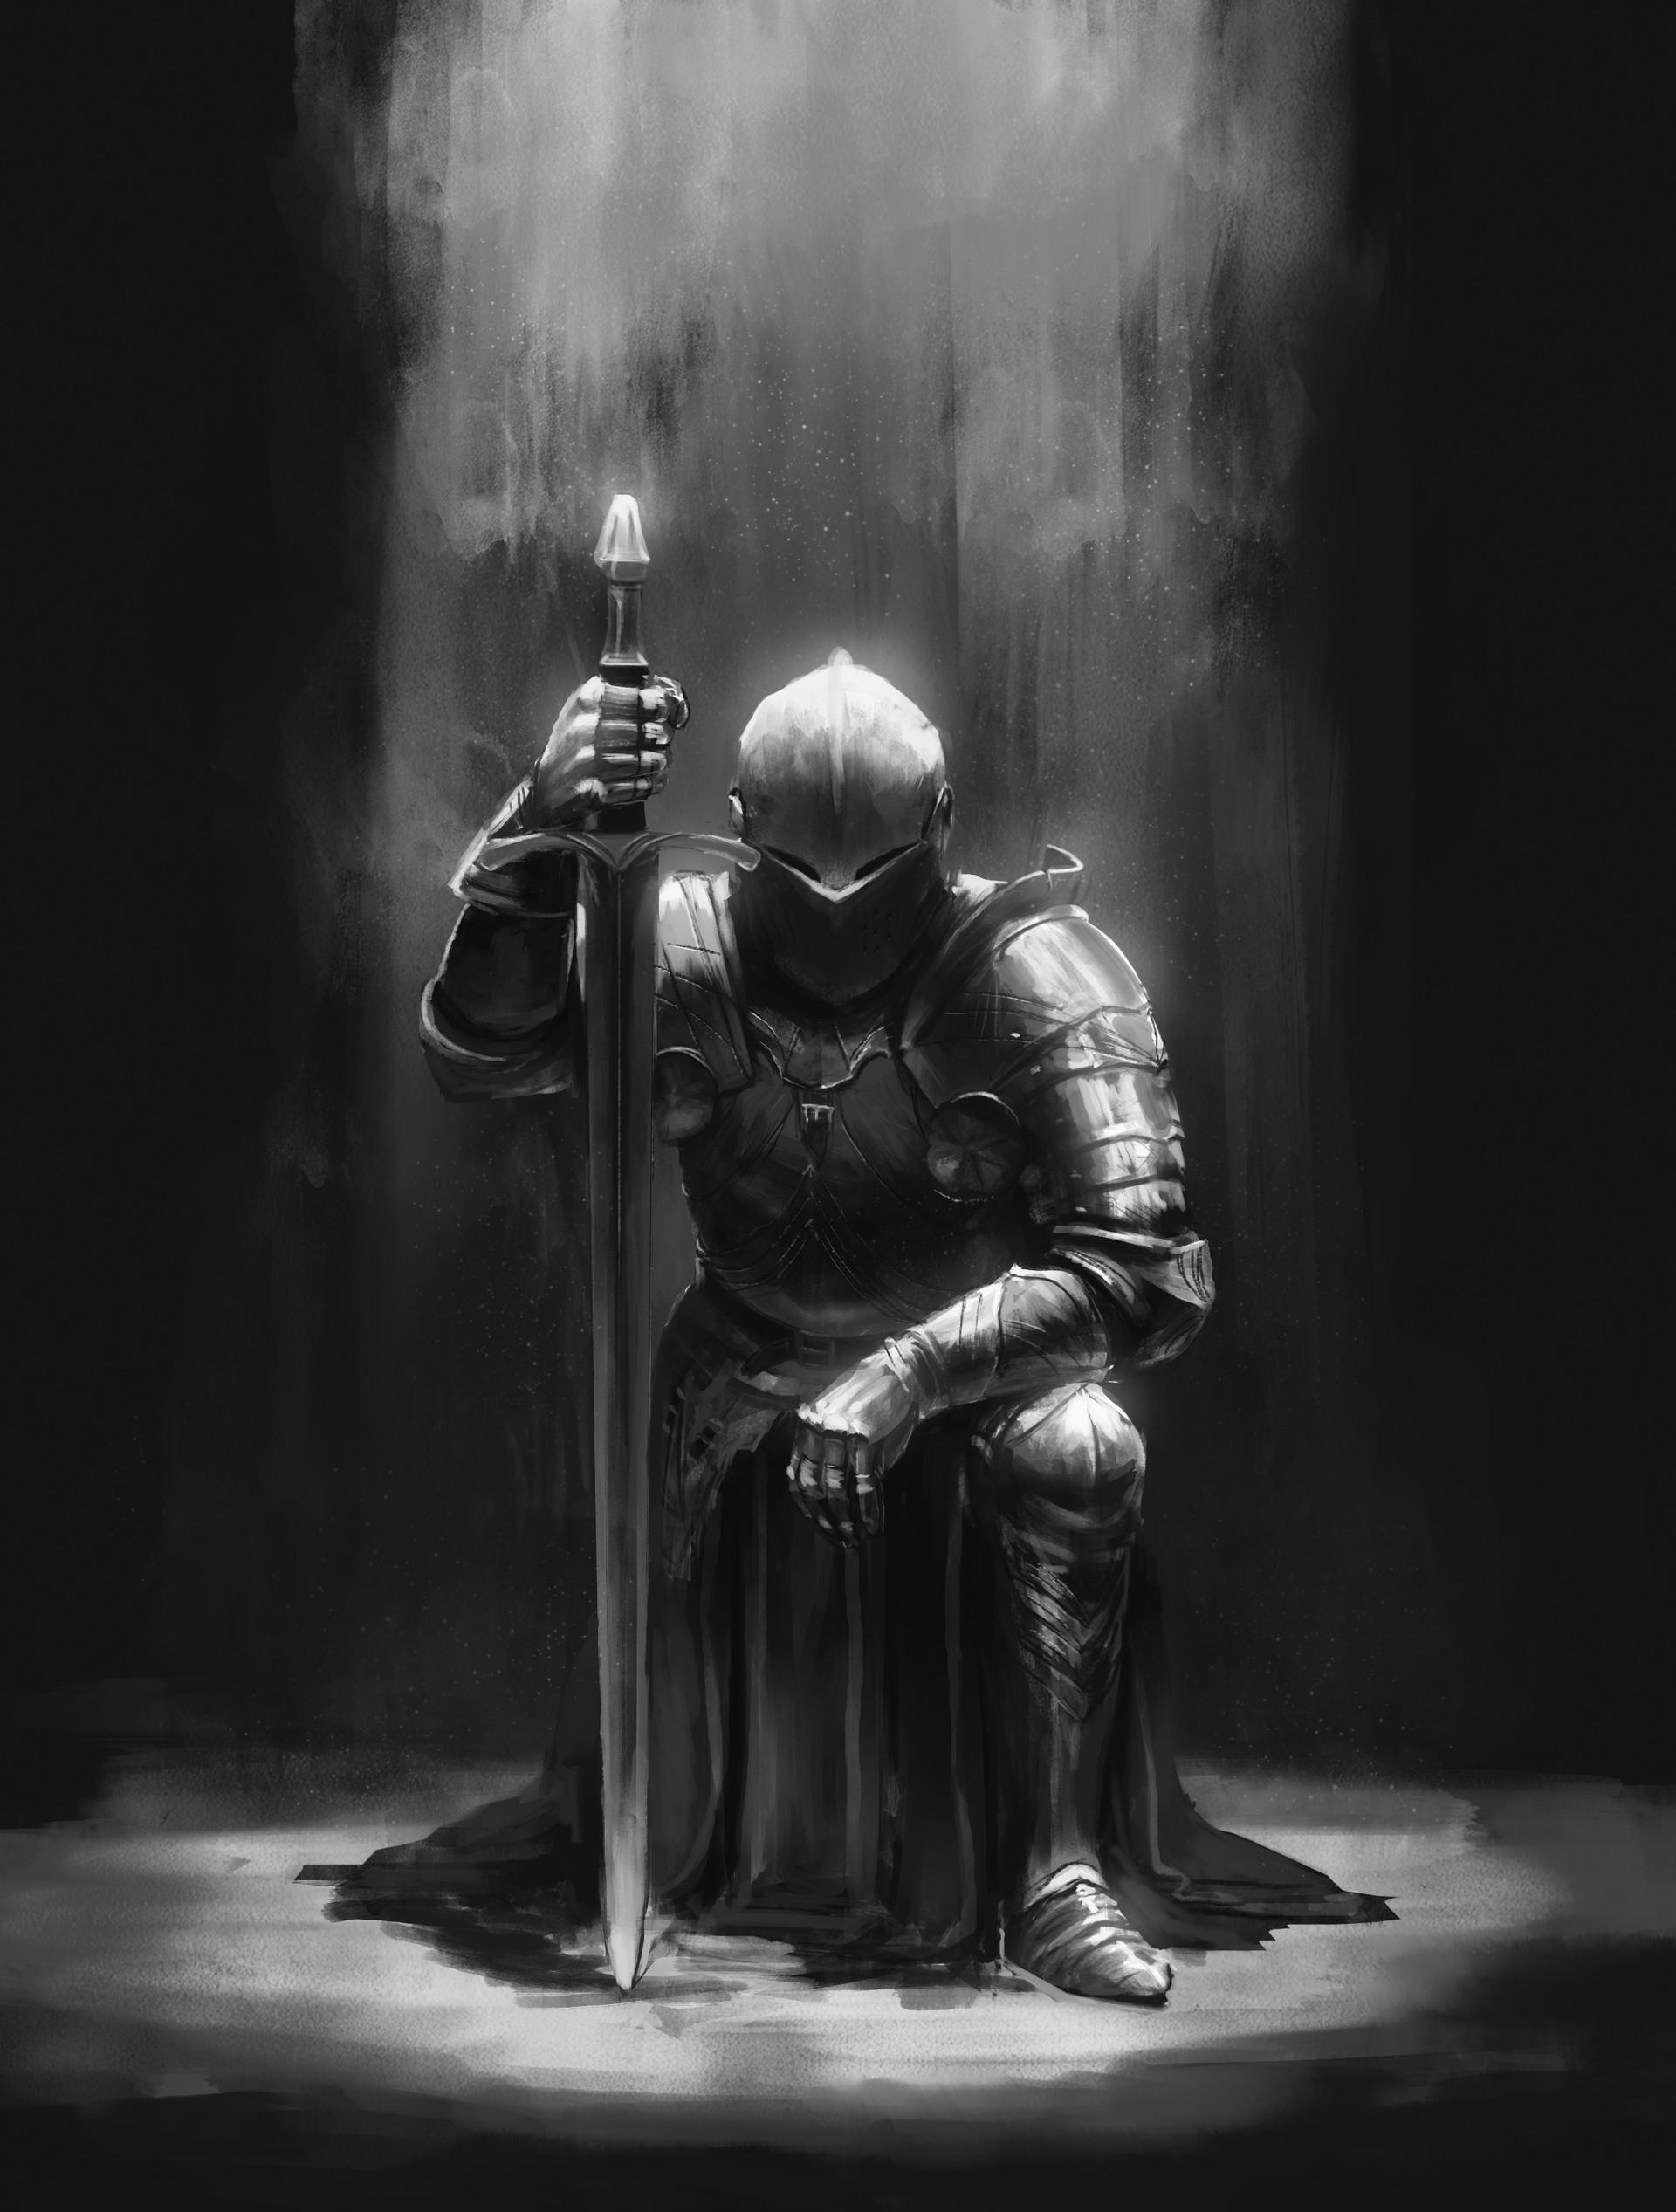 sam-kim-knight.jpg?1514013108